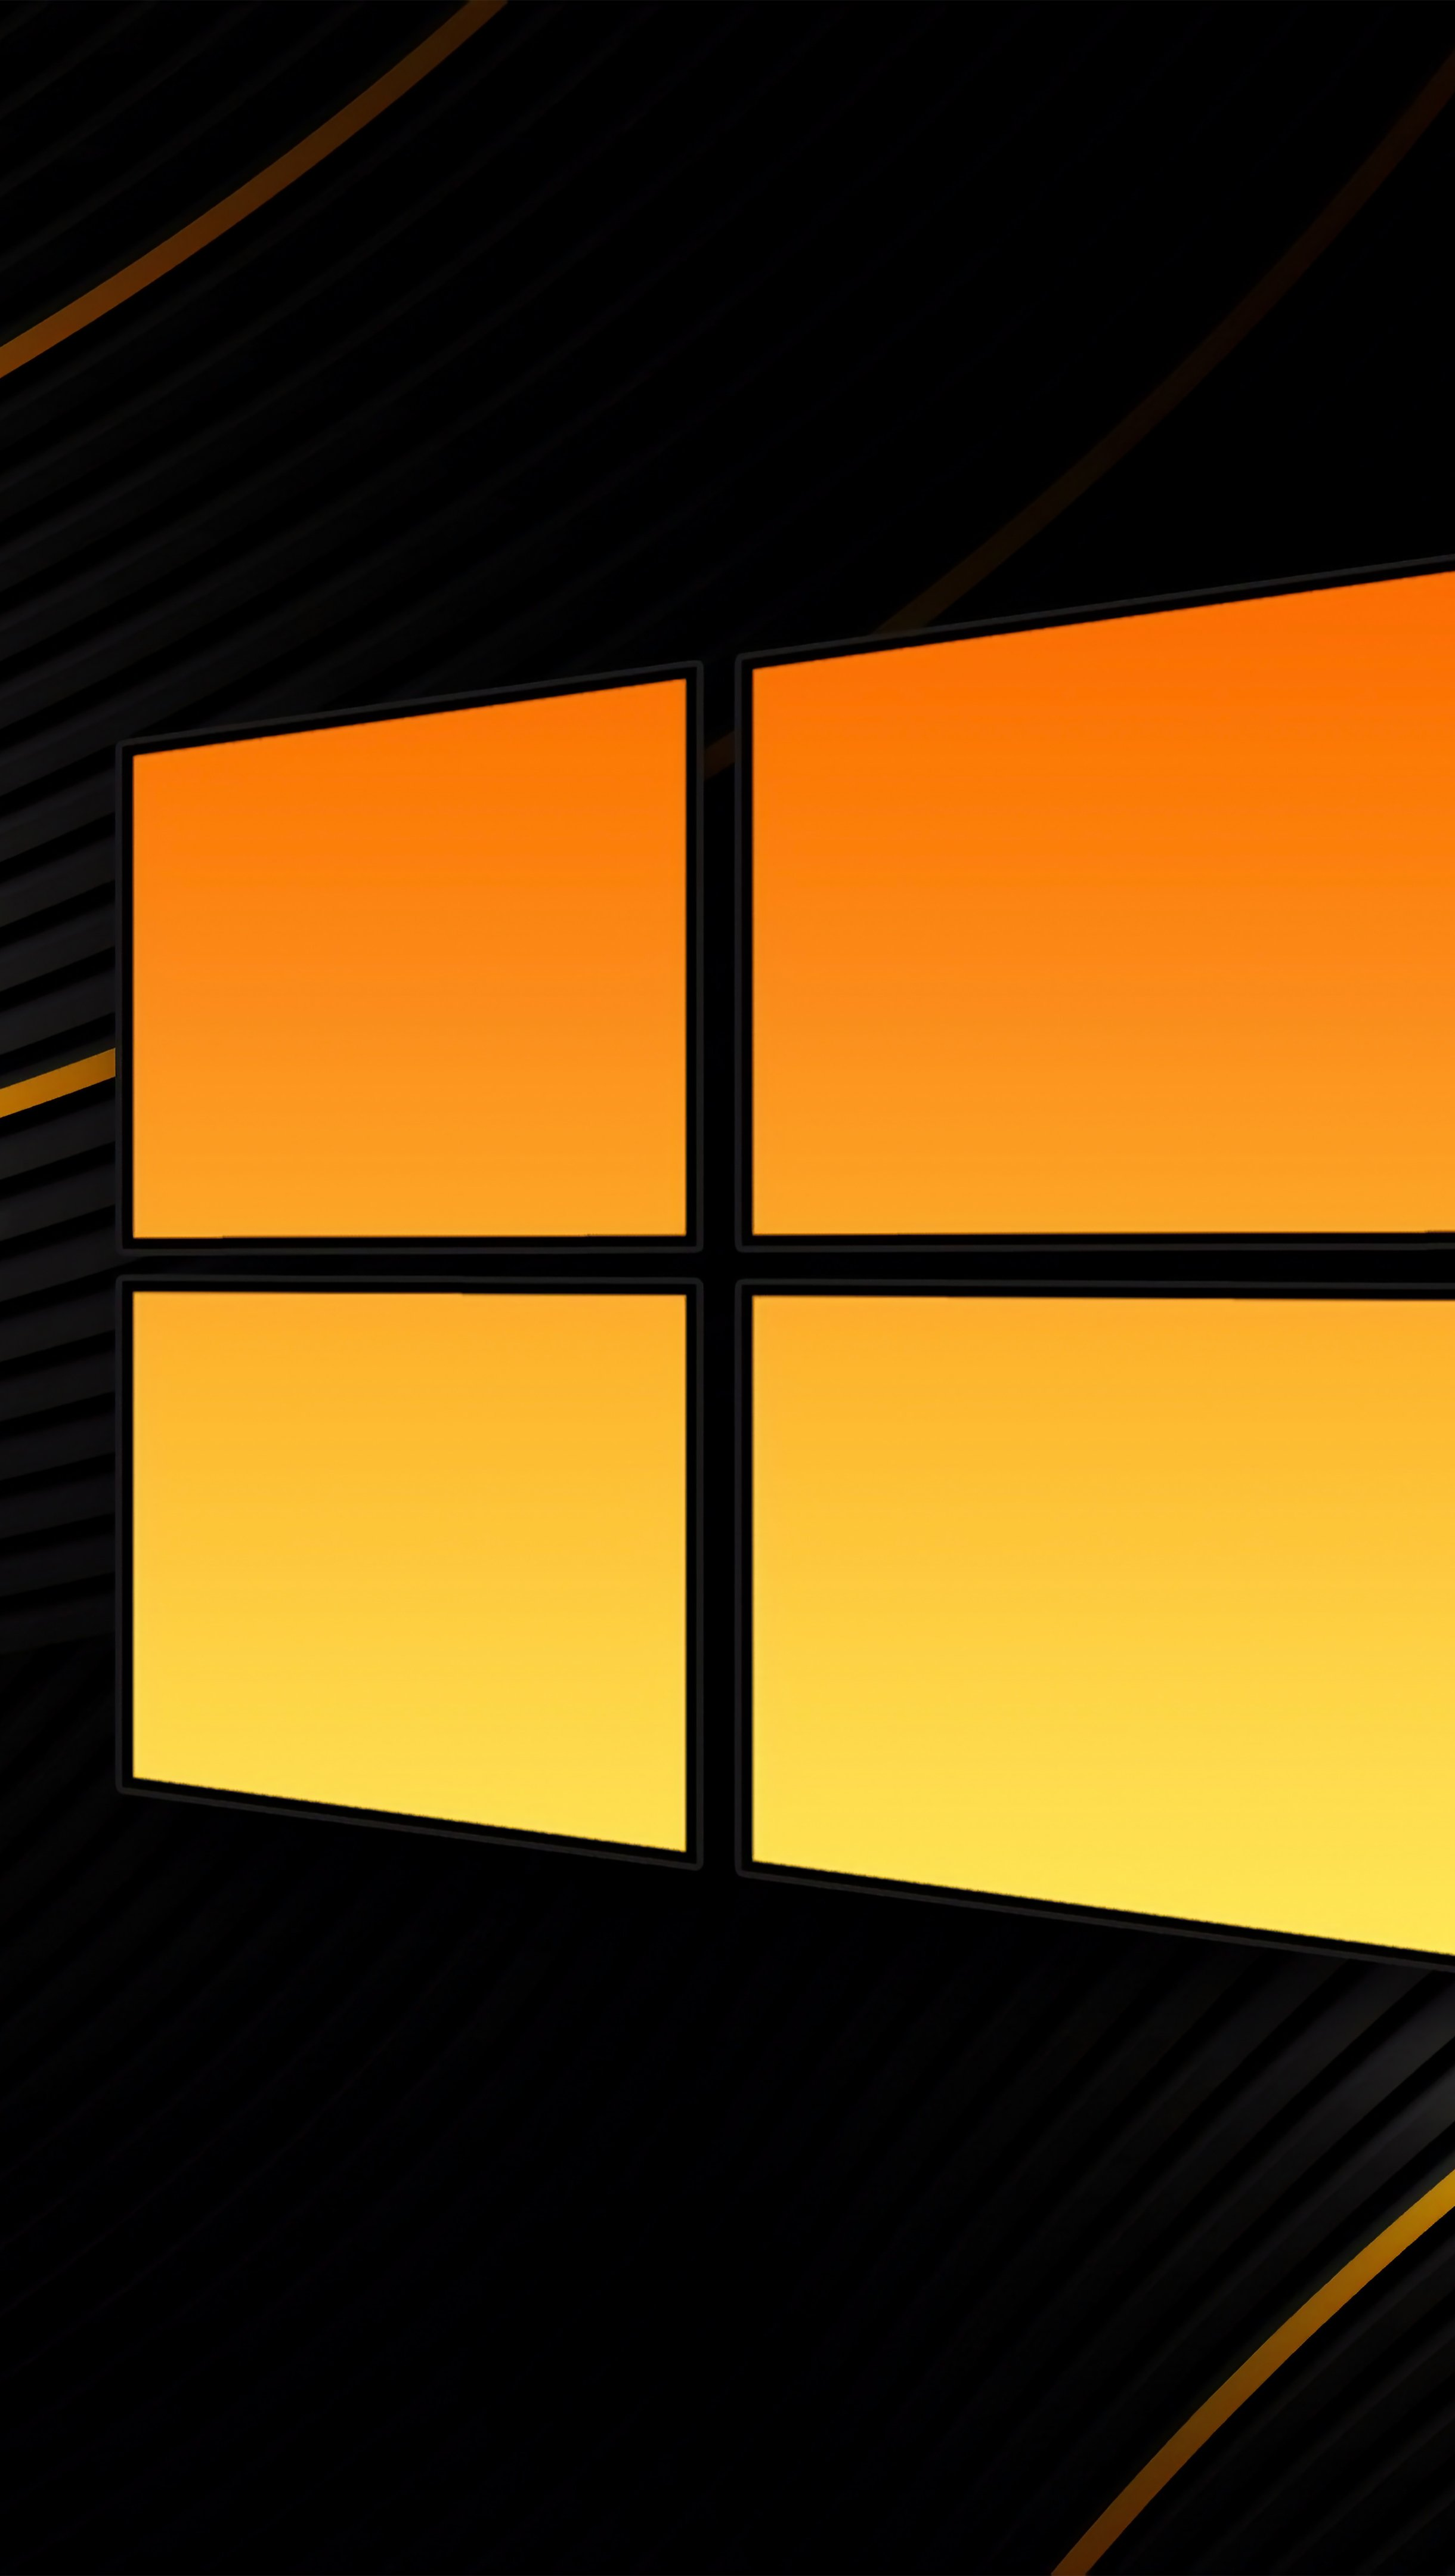 Fondos de pantalla Windows 10 Negro Vertical